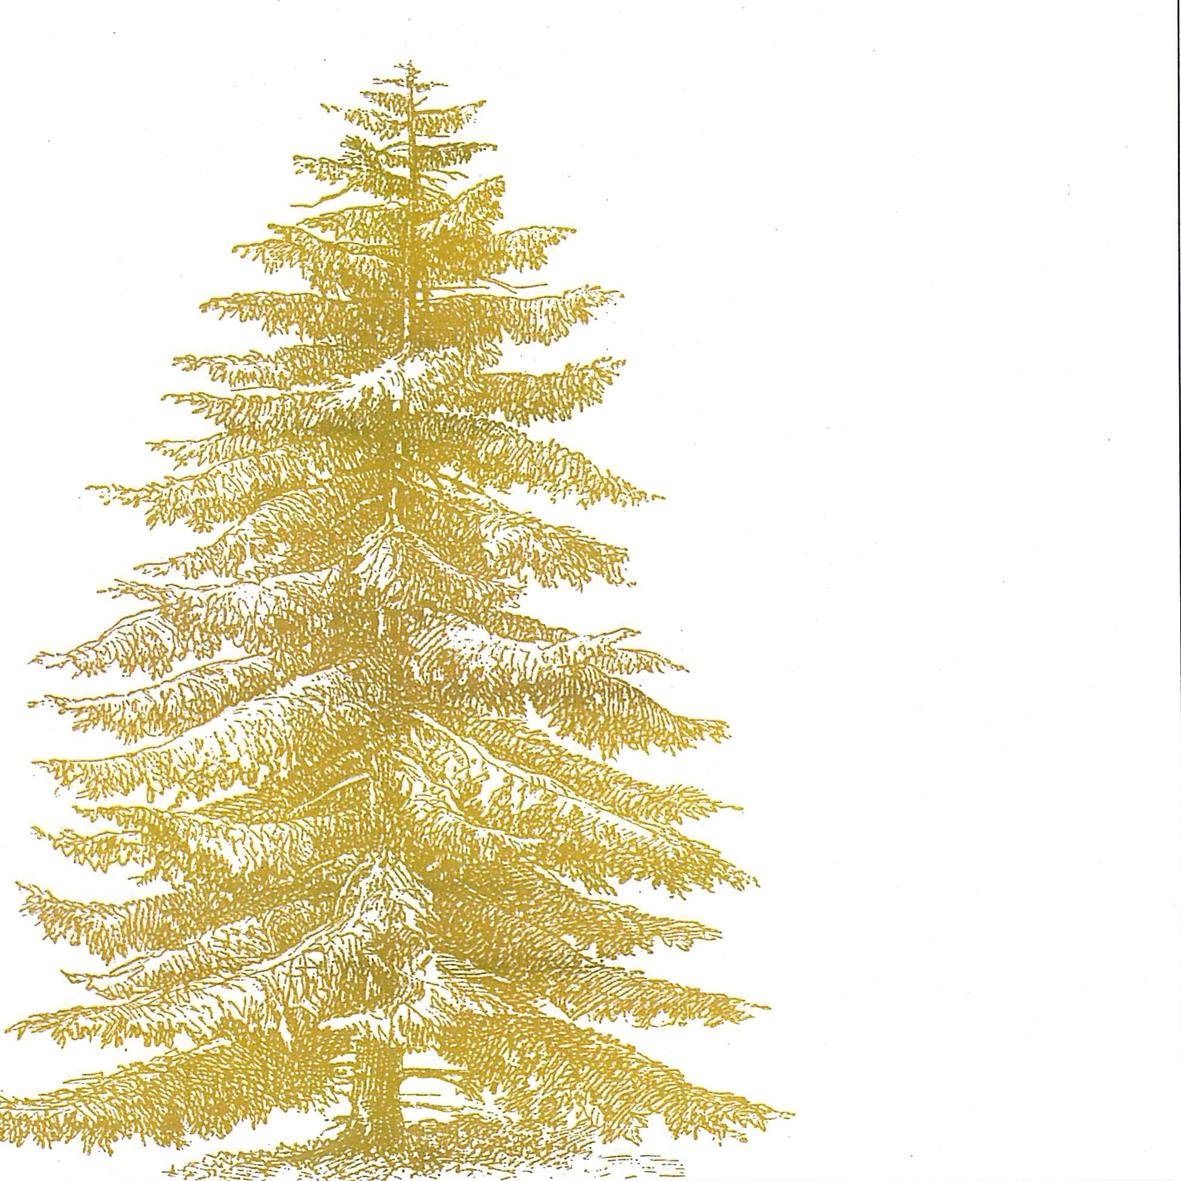 Lunch Servietten Engraved Tree,  Weihnachten - Weihnachtsbaum,  Weihnachten,  lunchservietten,  Tannenbaum